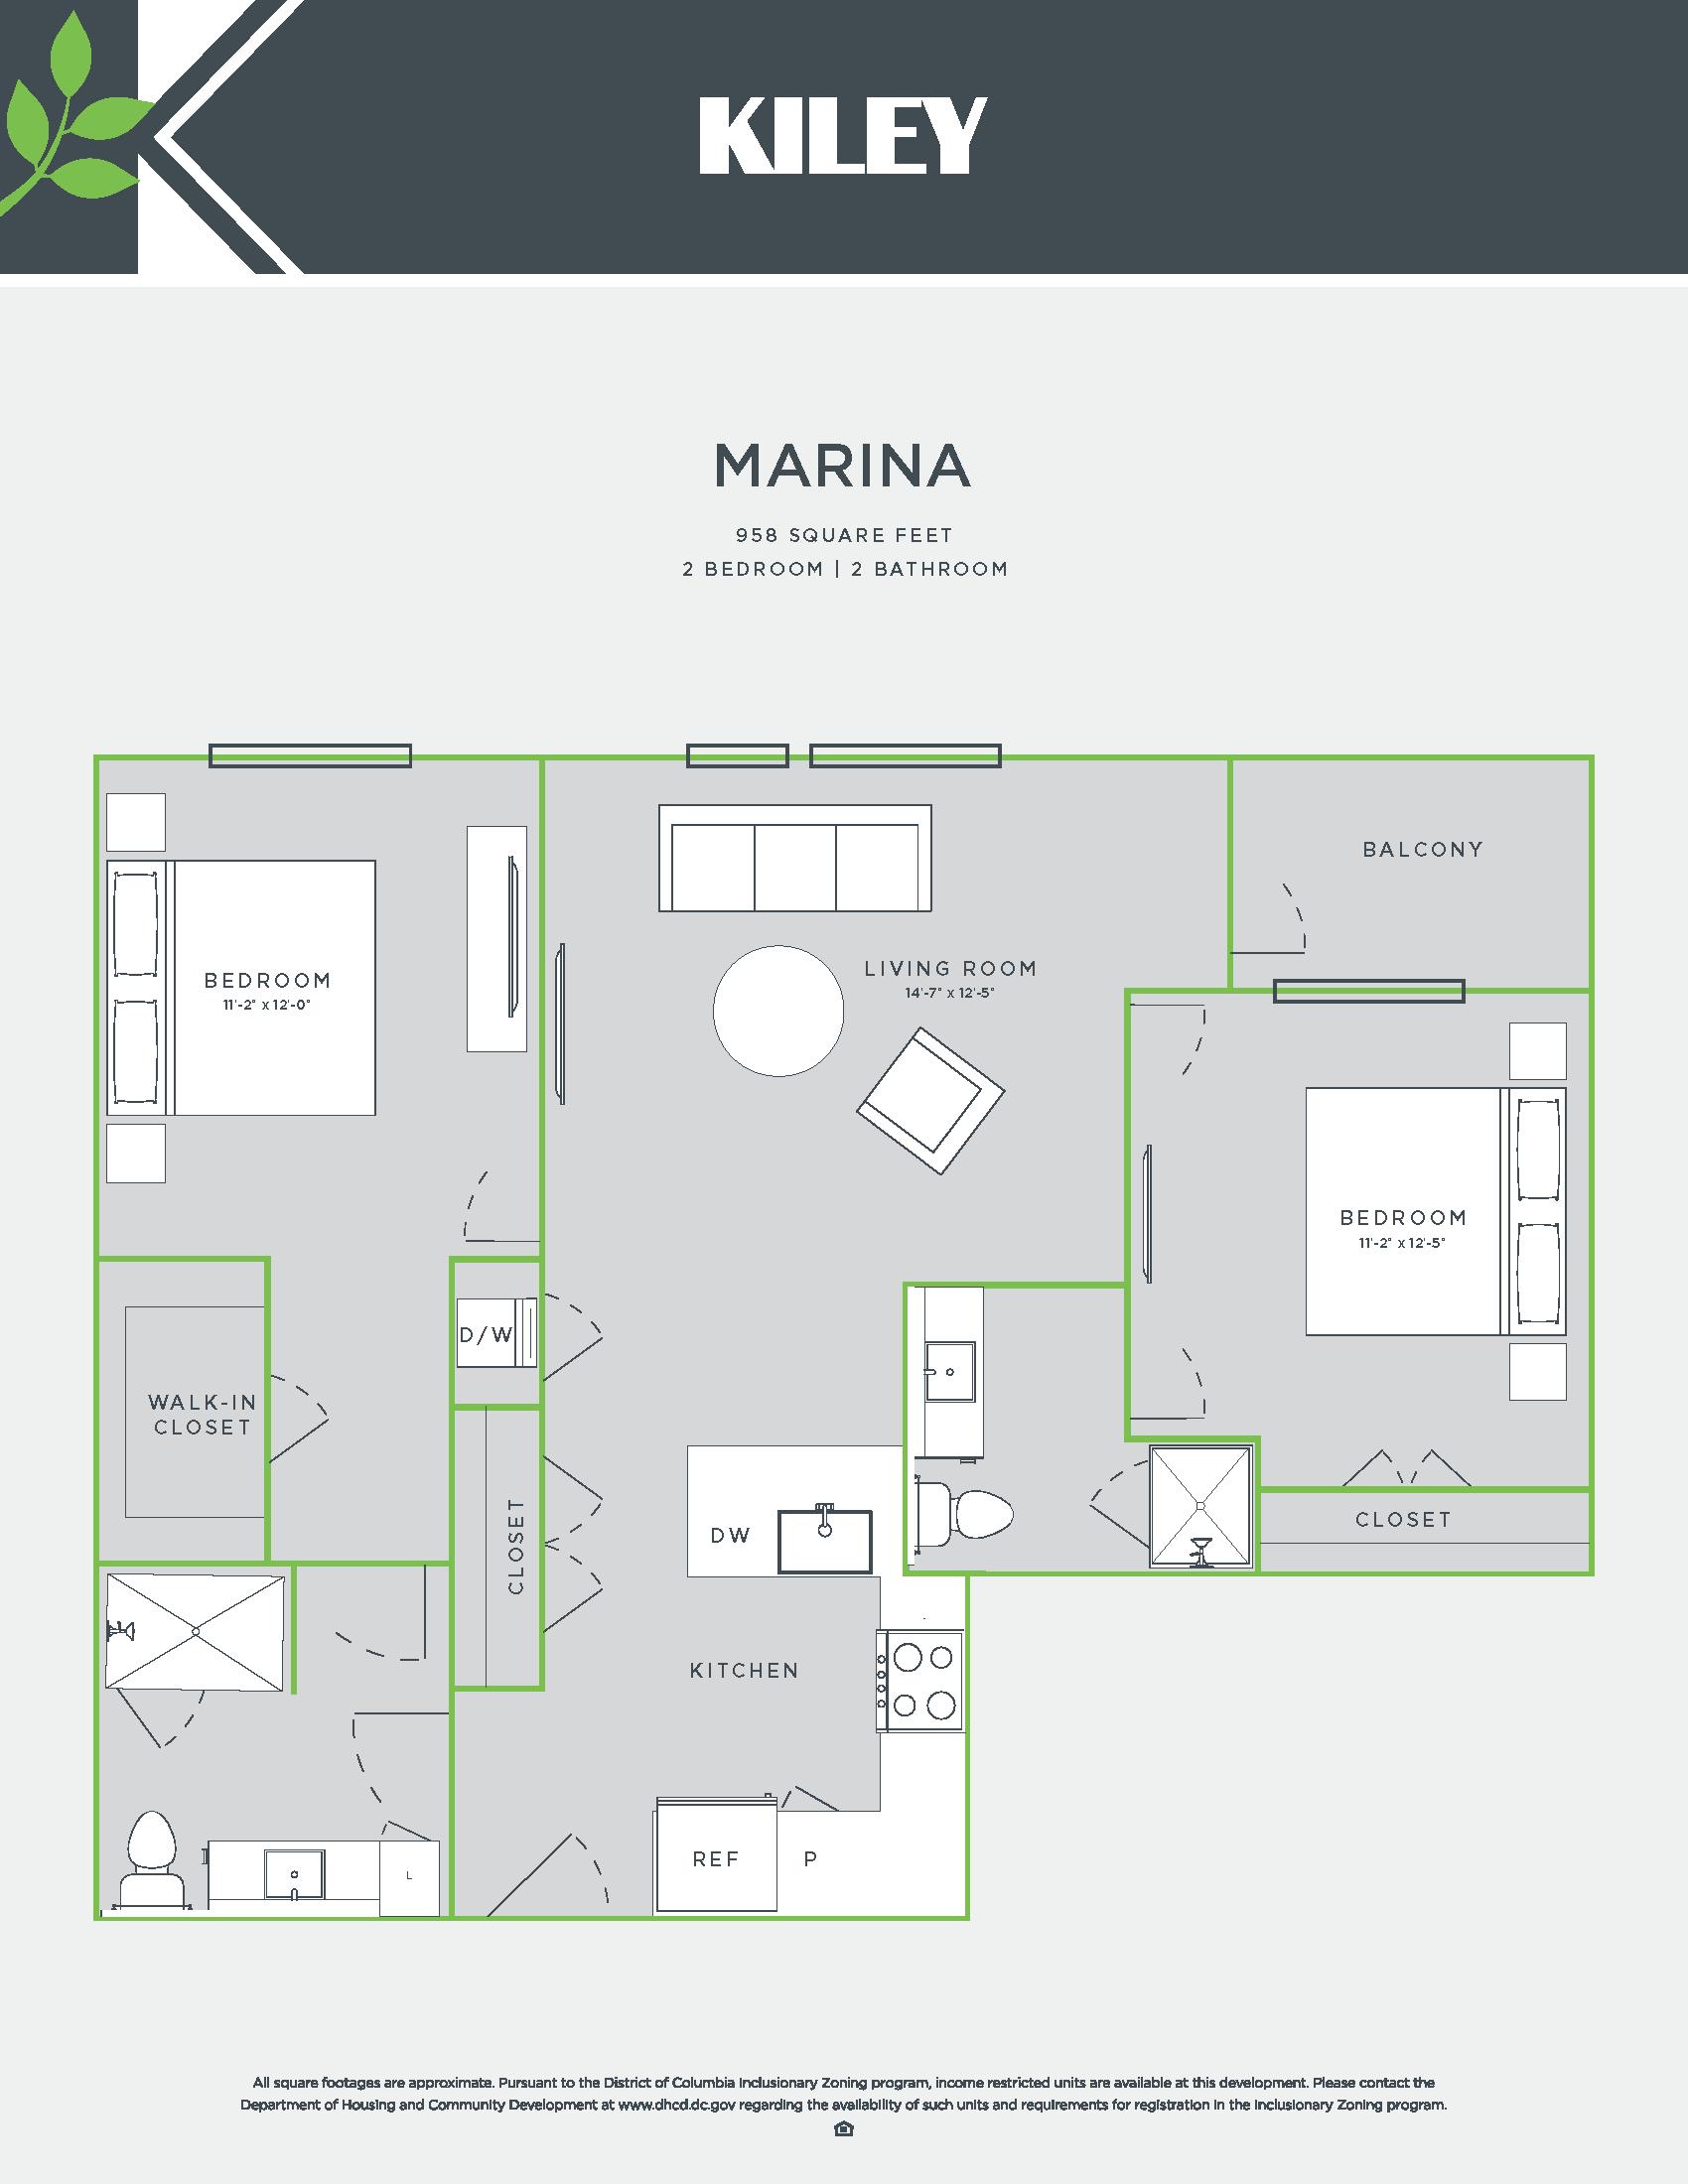 Marina (2 bed /2 bath) Floor Plan